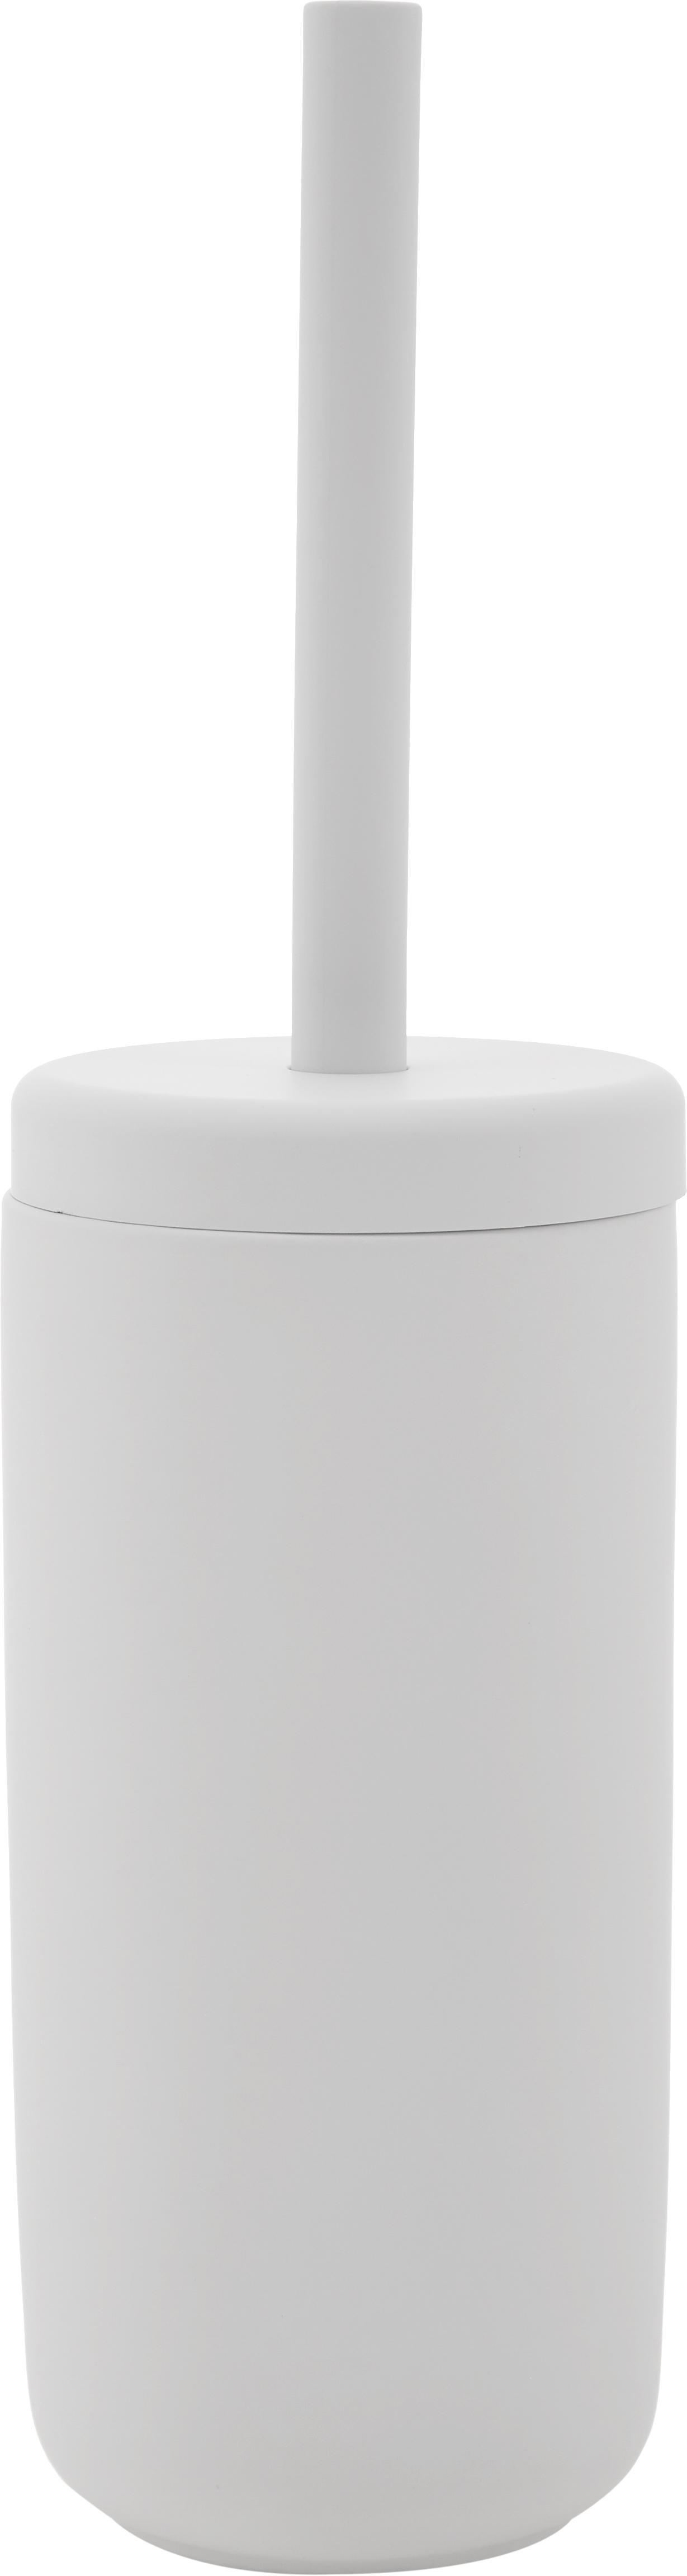 Szczotka toaletowa z pojemnikiem z kamionki  Ume, Jasny szary, Ø 10 x W 39 cm